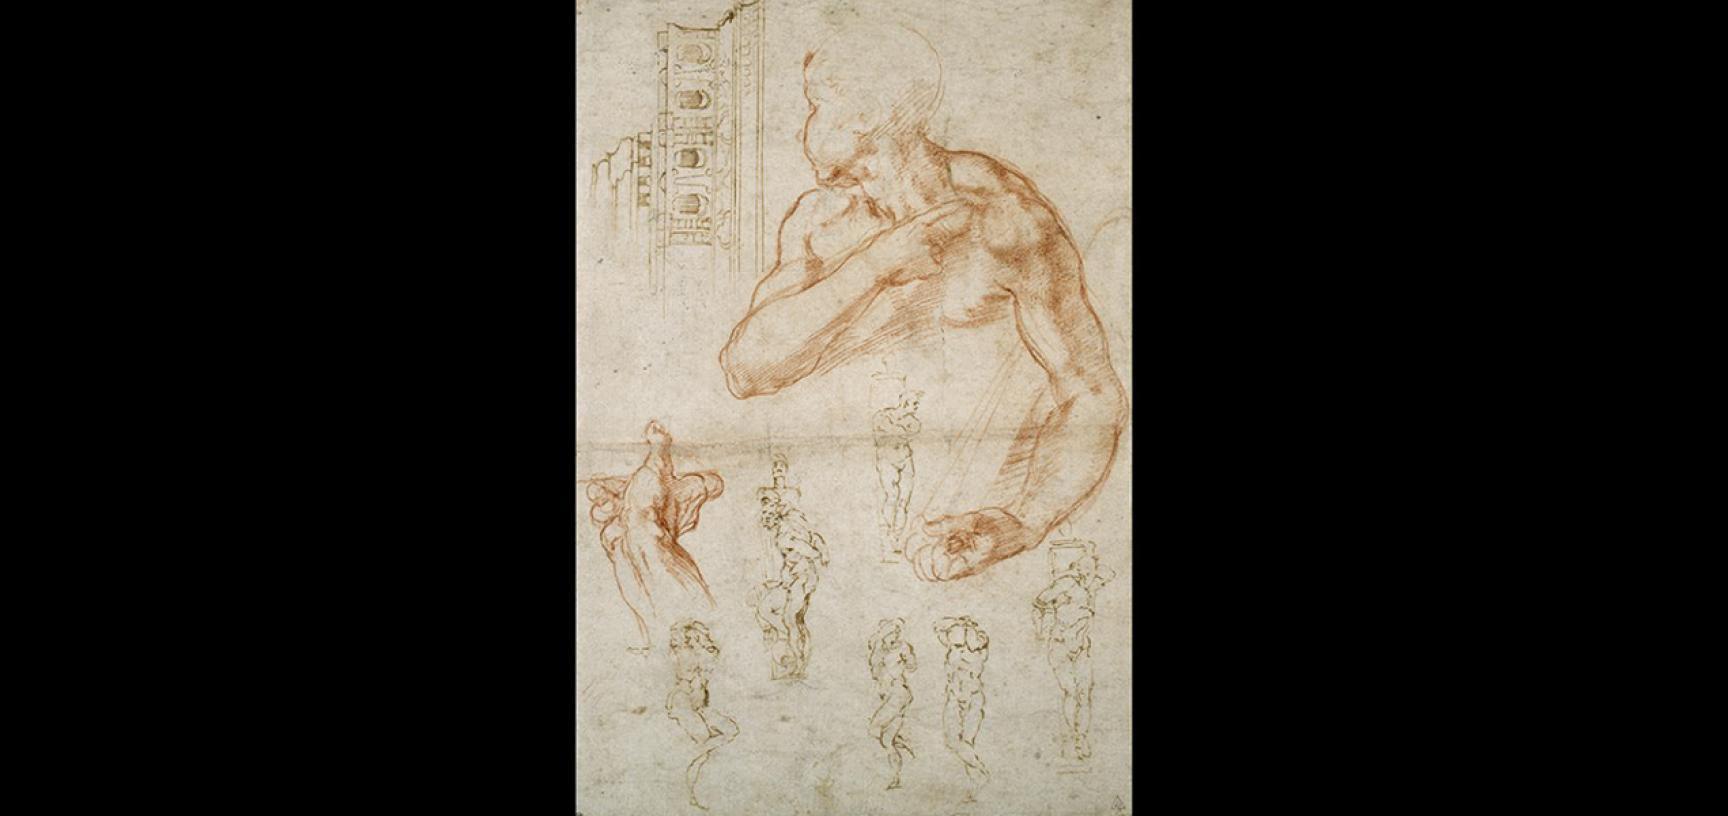 Michelangelo's studies by Michelangelo Buonarroti